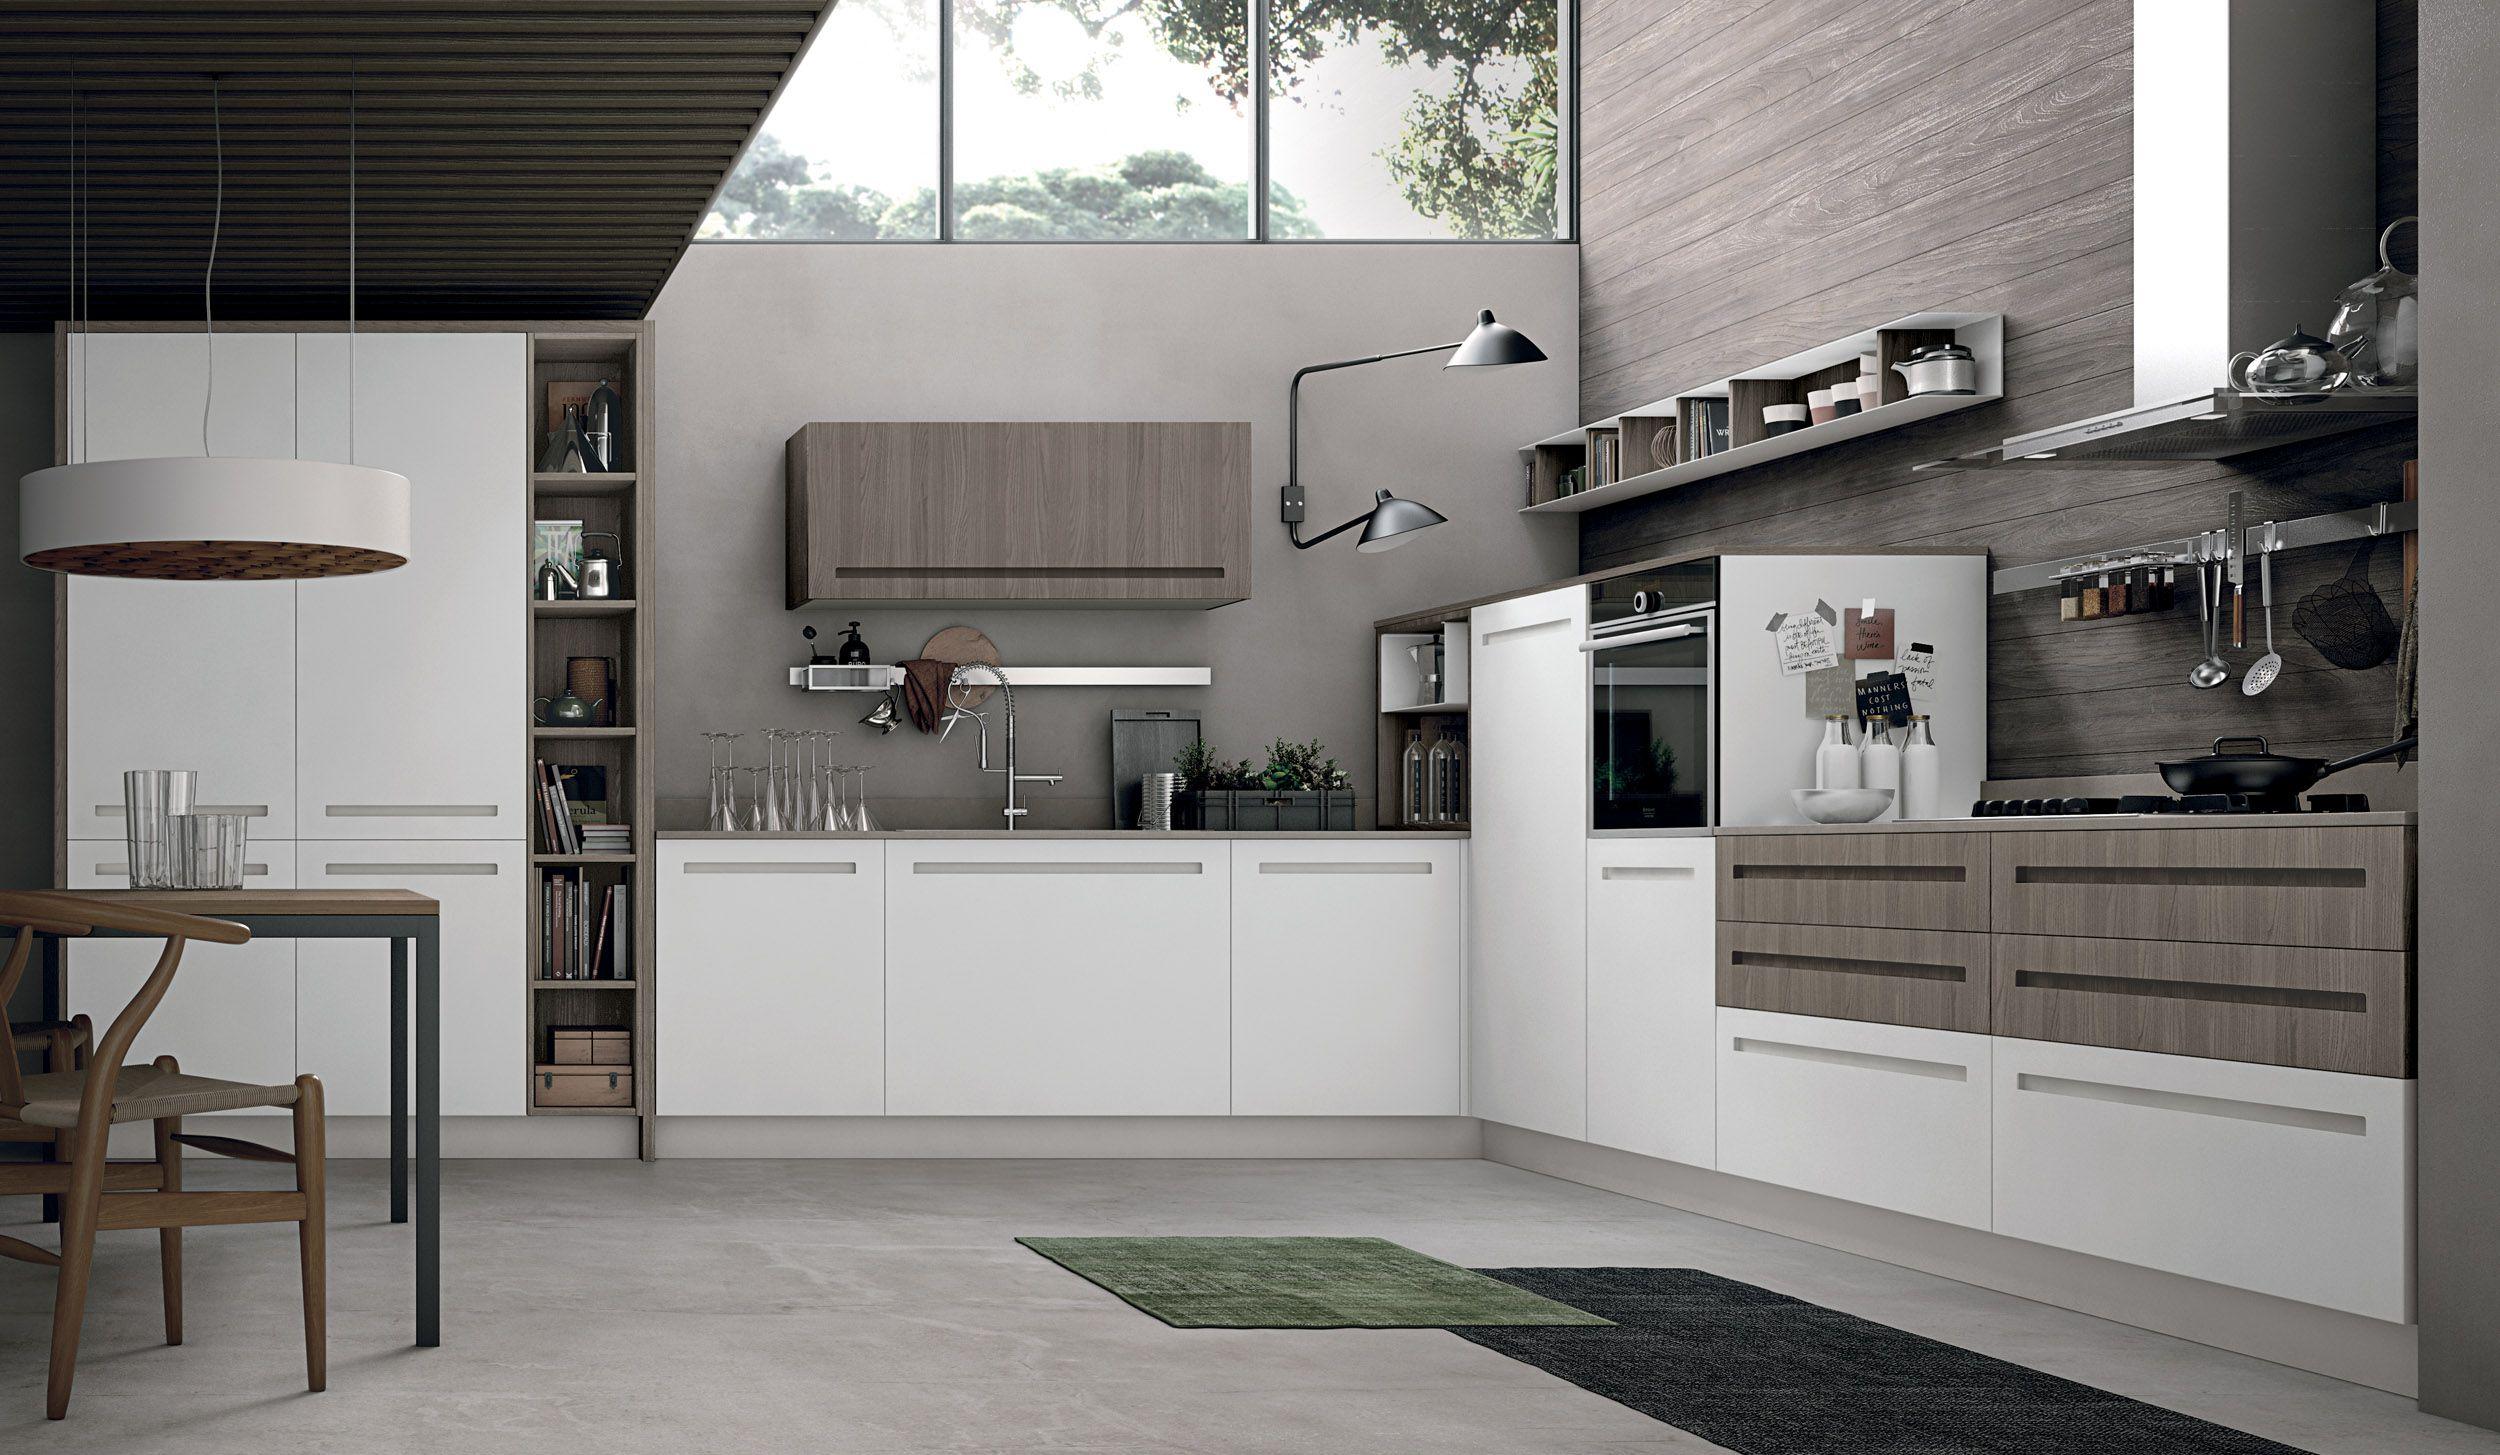 Stosa Cucine: arredamento per cucine moderne Mood | Arredamento ...